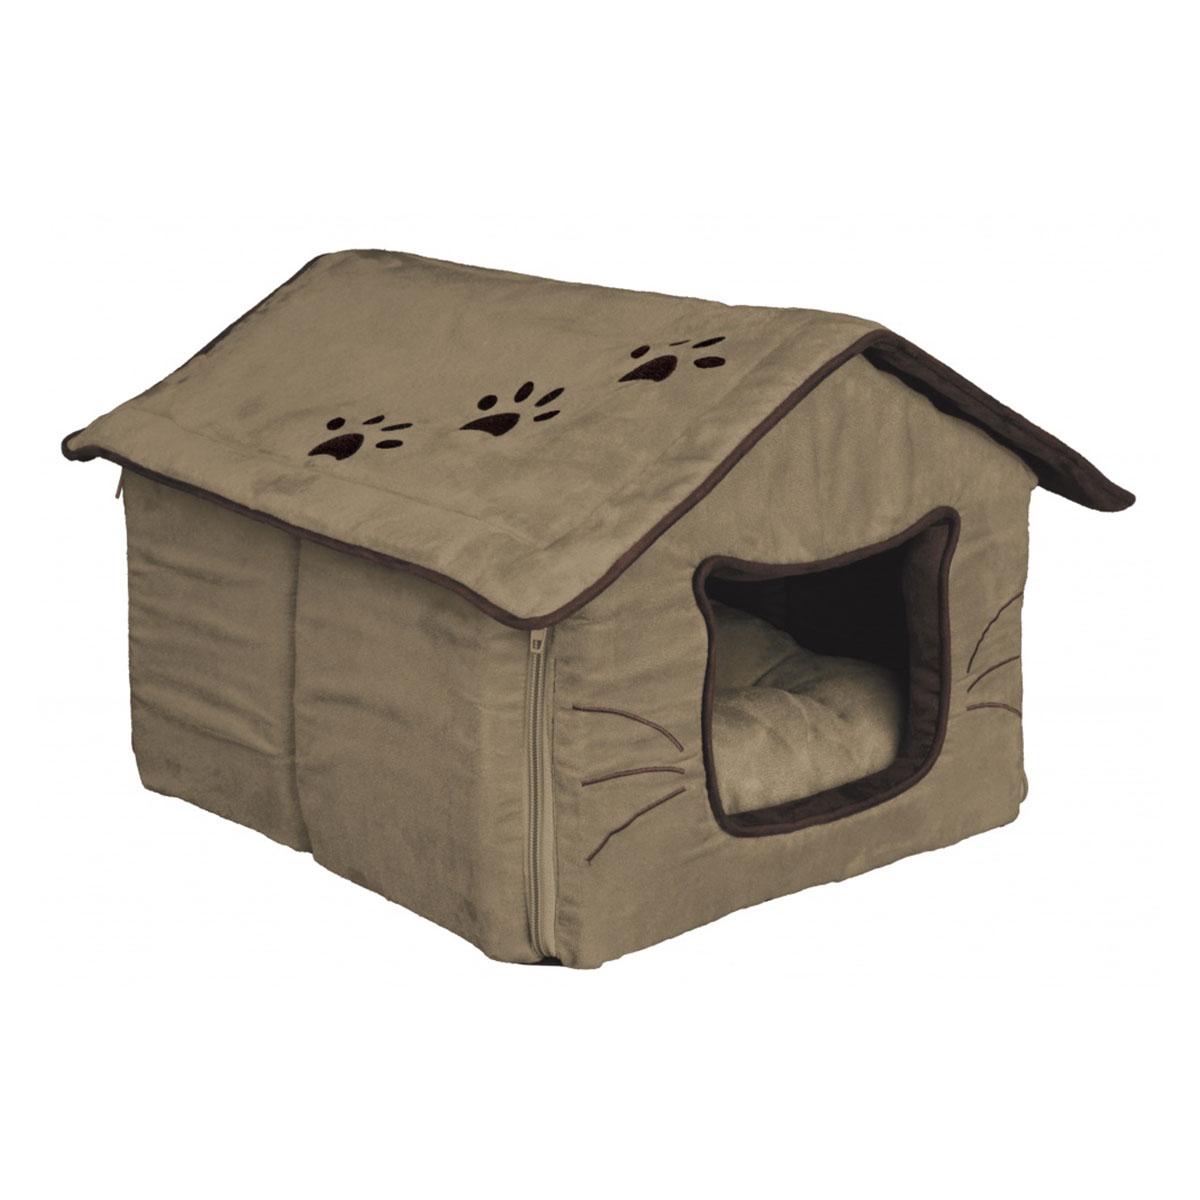 trixie kuschelh hle hilla f r katzen g nstig kaufen bei zooroyal. Black Bedroom Furniture Sets. Home Design Ideas